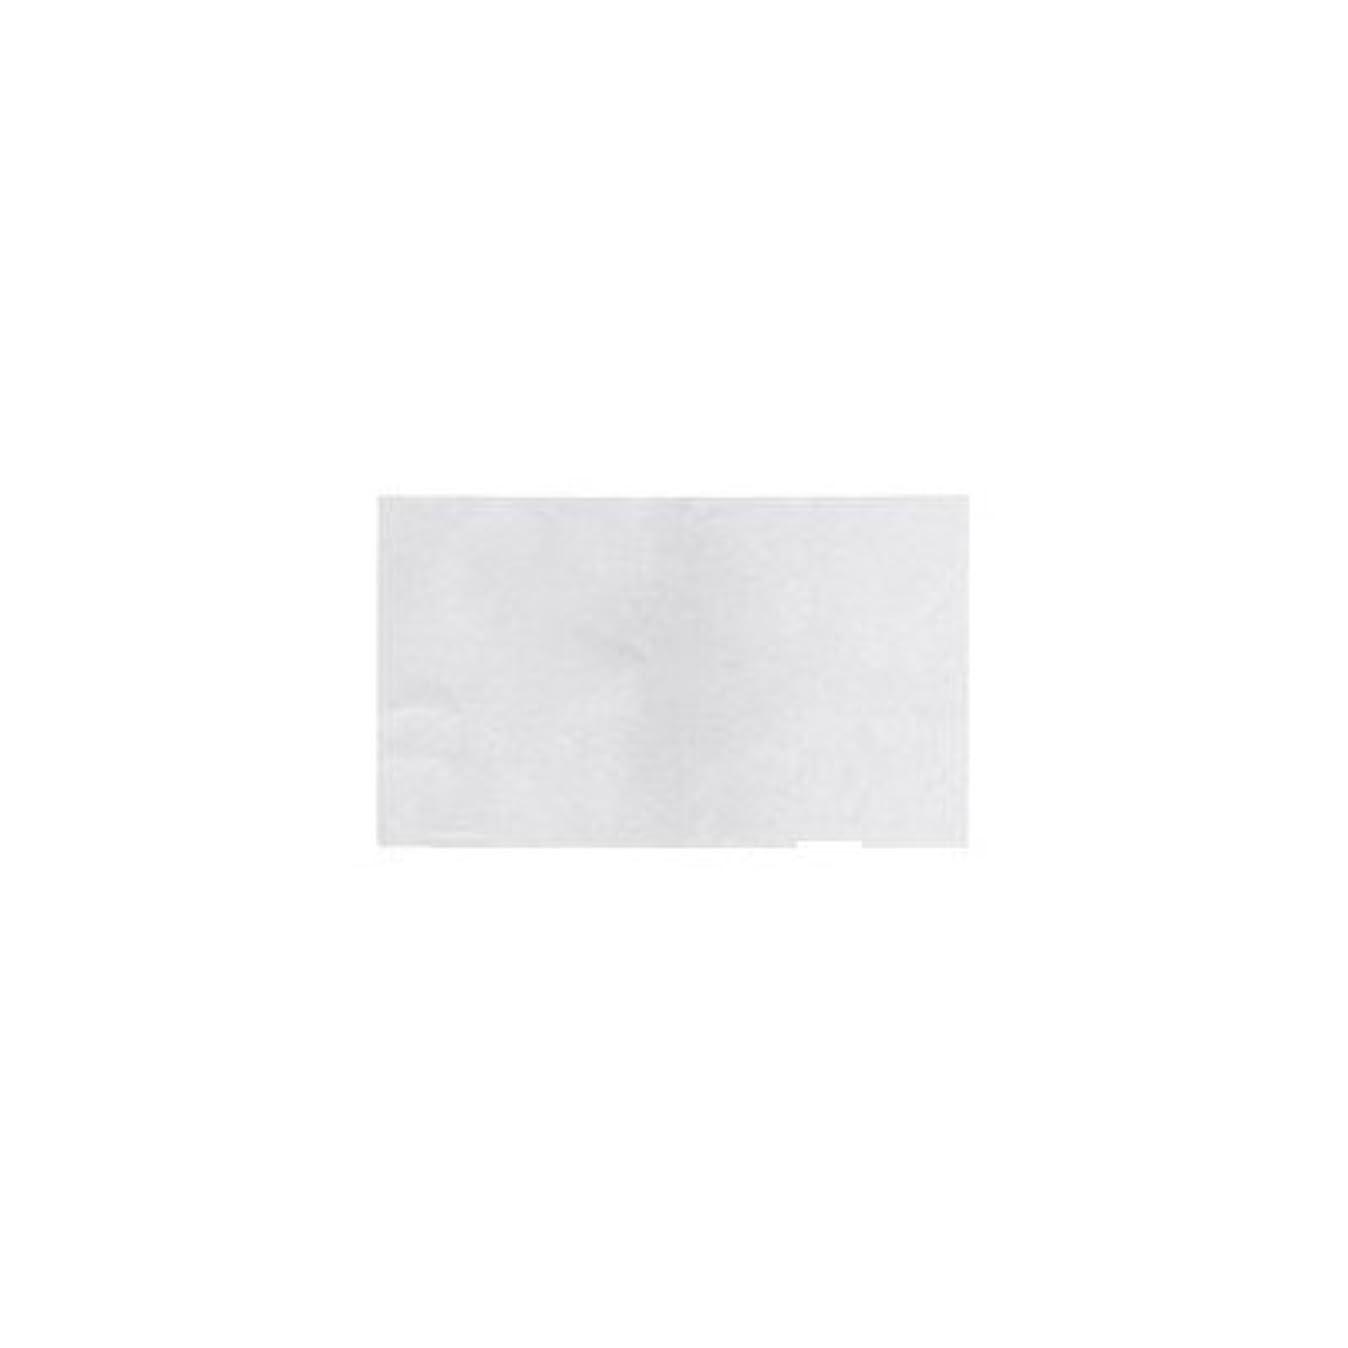 ディーラー悲しいガジュマルミクレア MICREA チップ&ラップ用ビニール 30枚